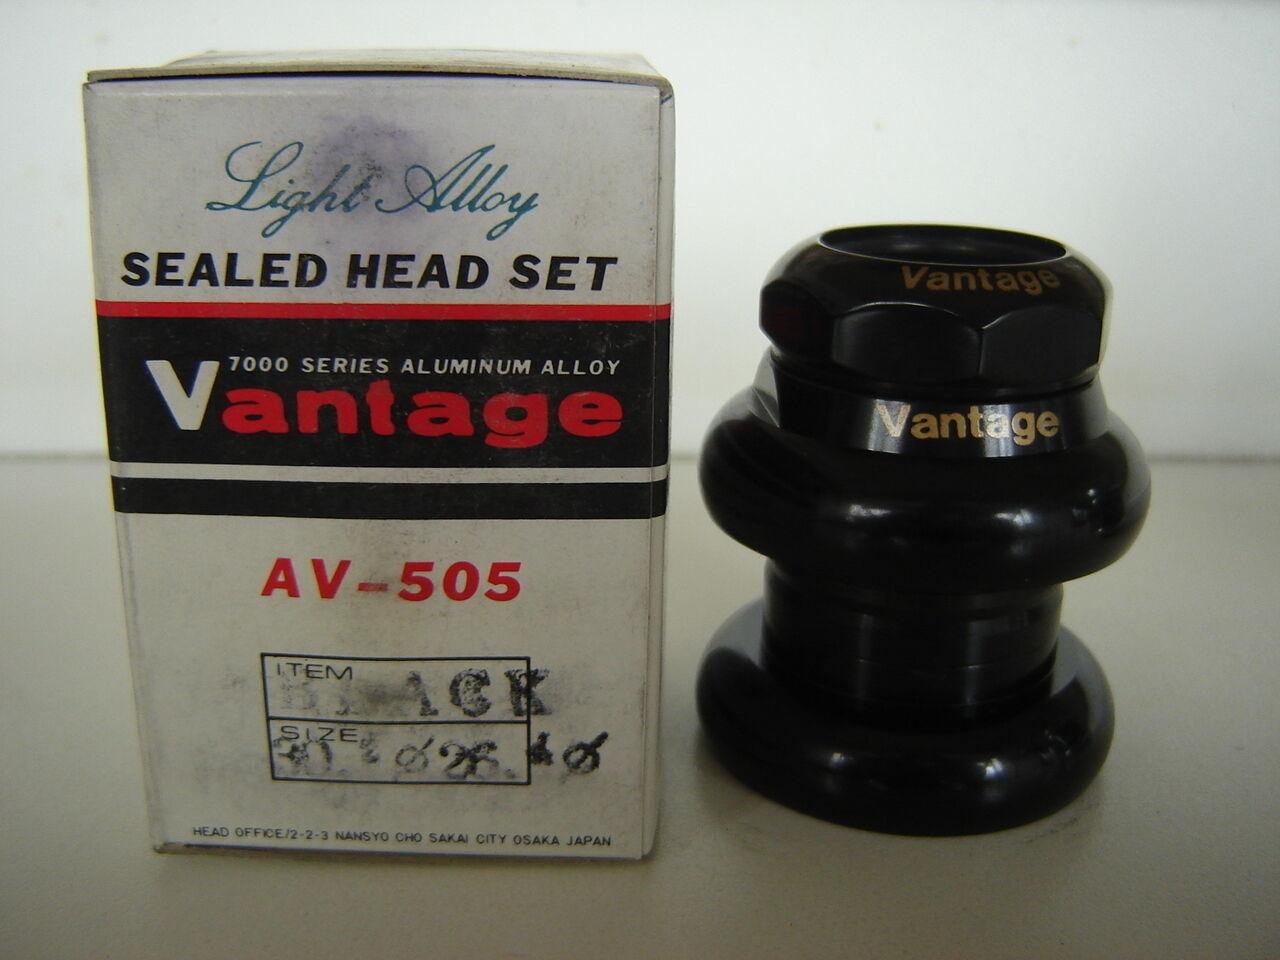 TANGE - VANTAGE AV-505 negro HEADSET- NOS - TANGE NIB 137565